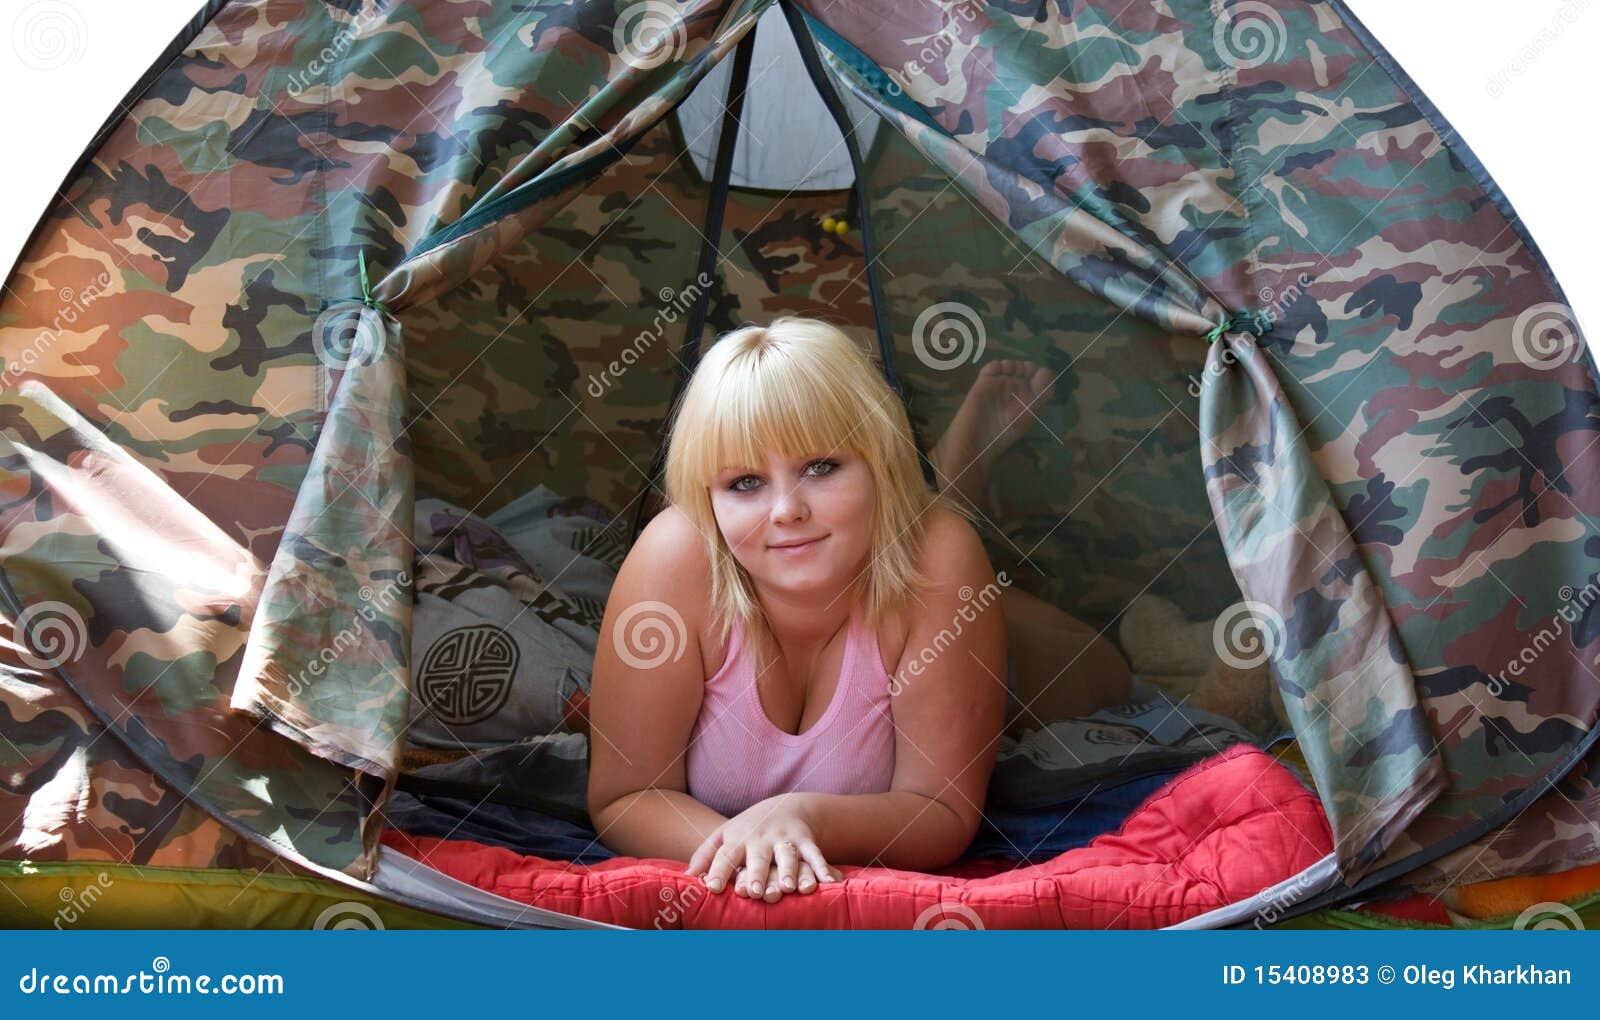 Фото девок в палатке 10 фотография